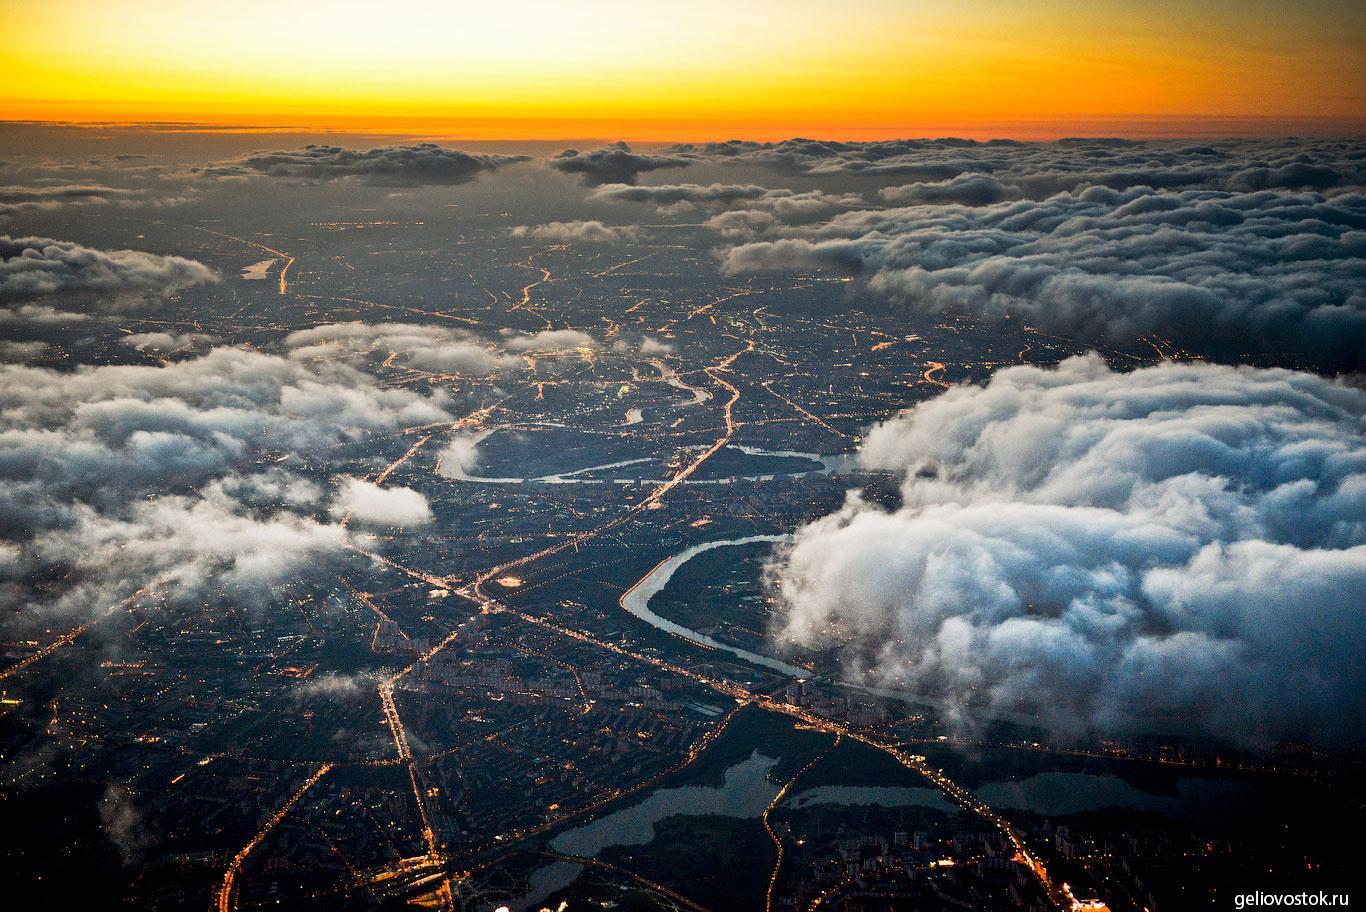 Дикие утки фото в небе этом обзоре